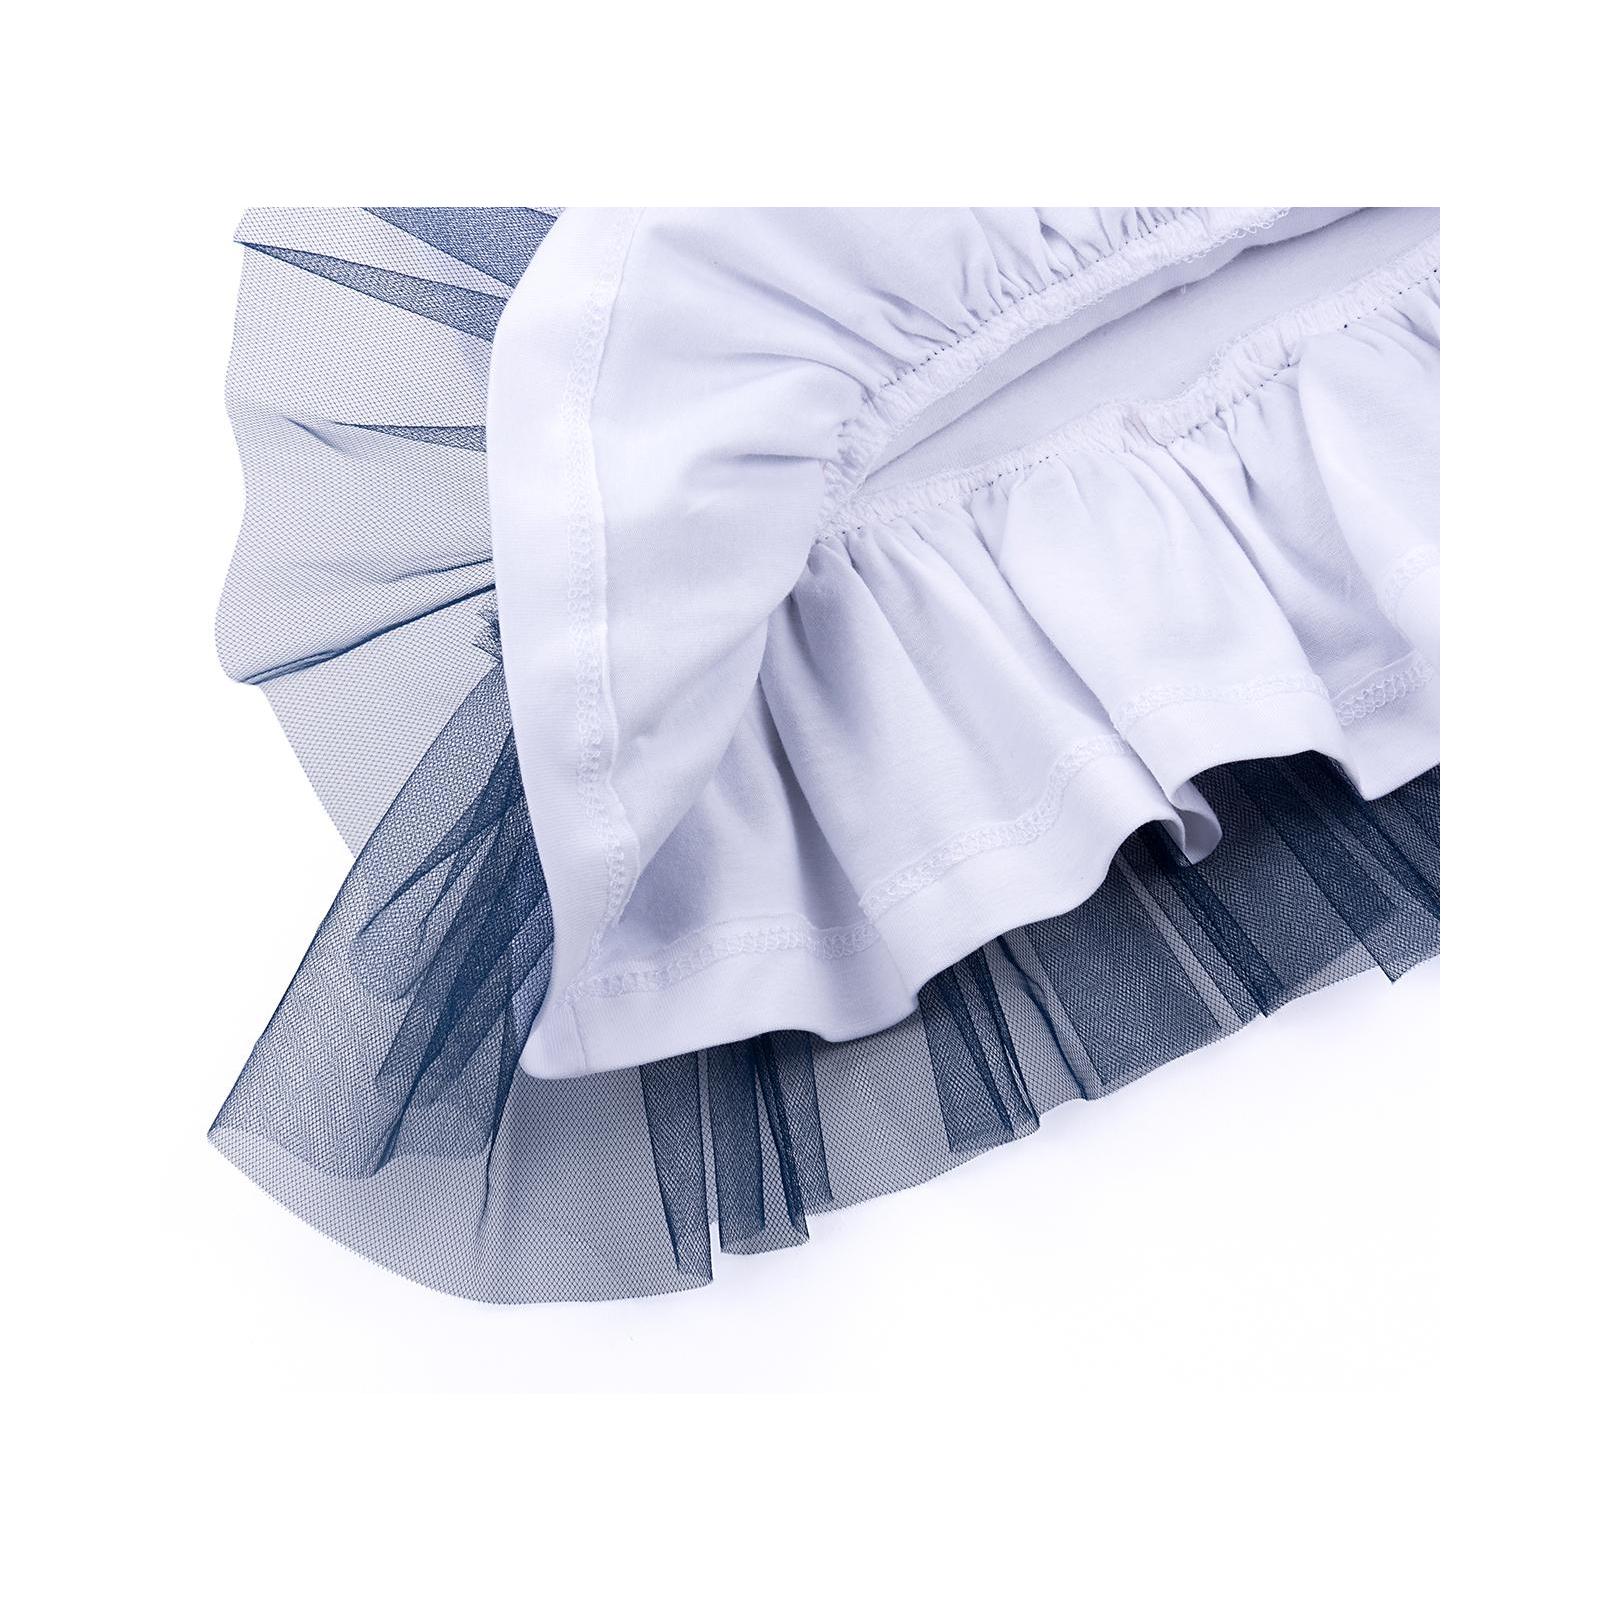 Набор детской одежды Breeze с коронкой (10869-110G-blue) изображение 9